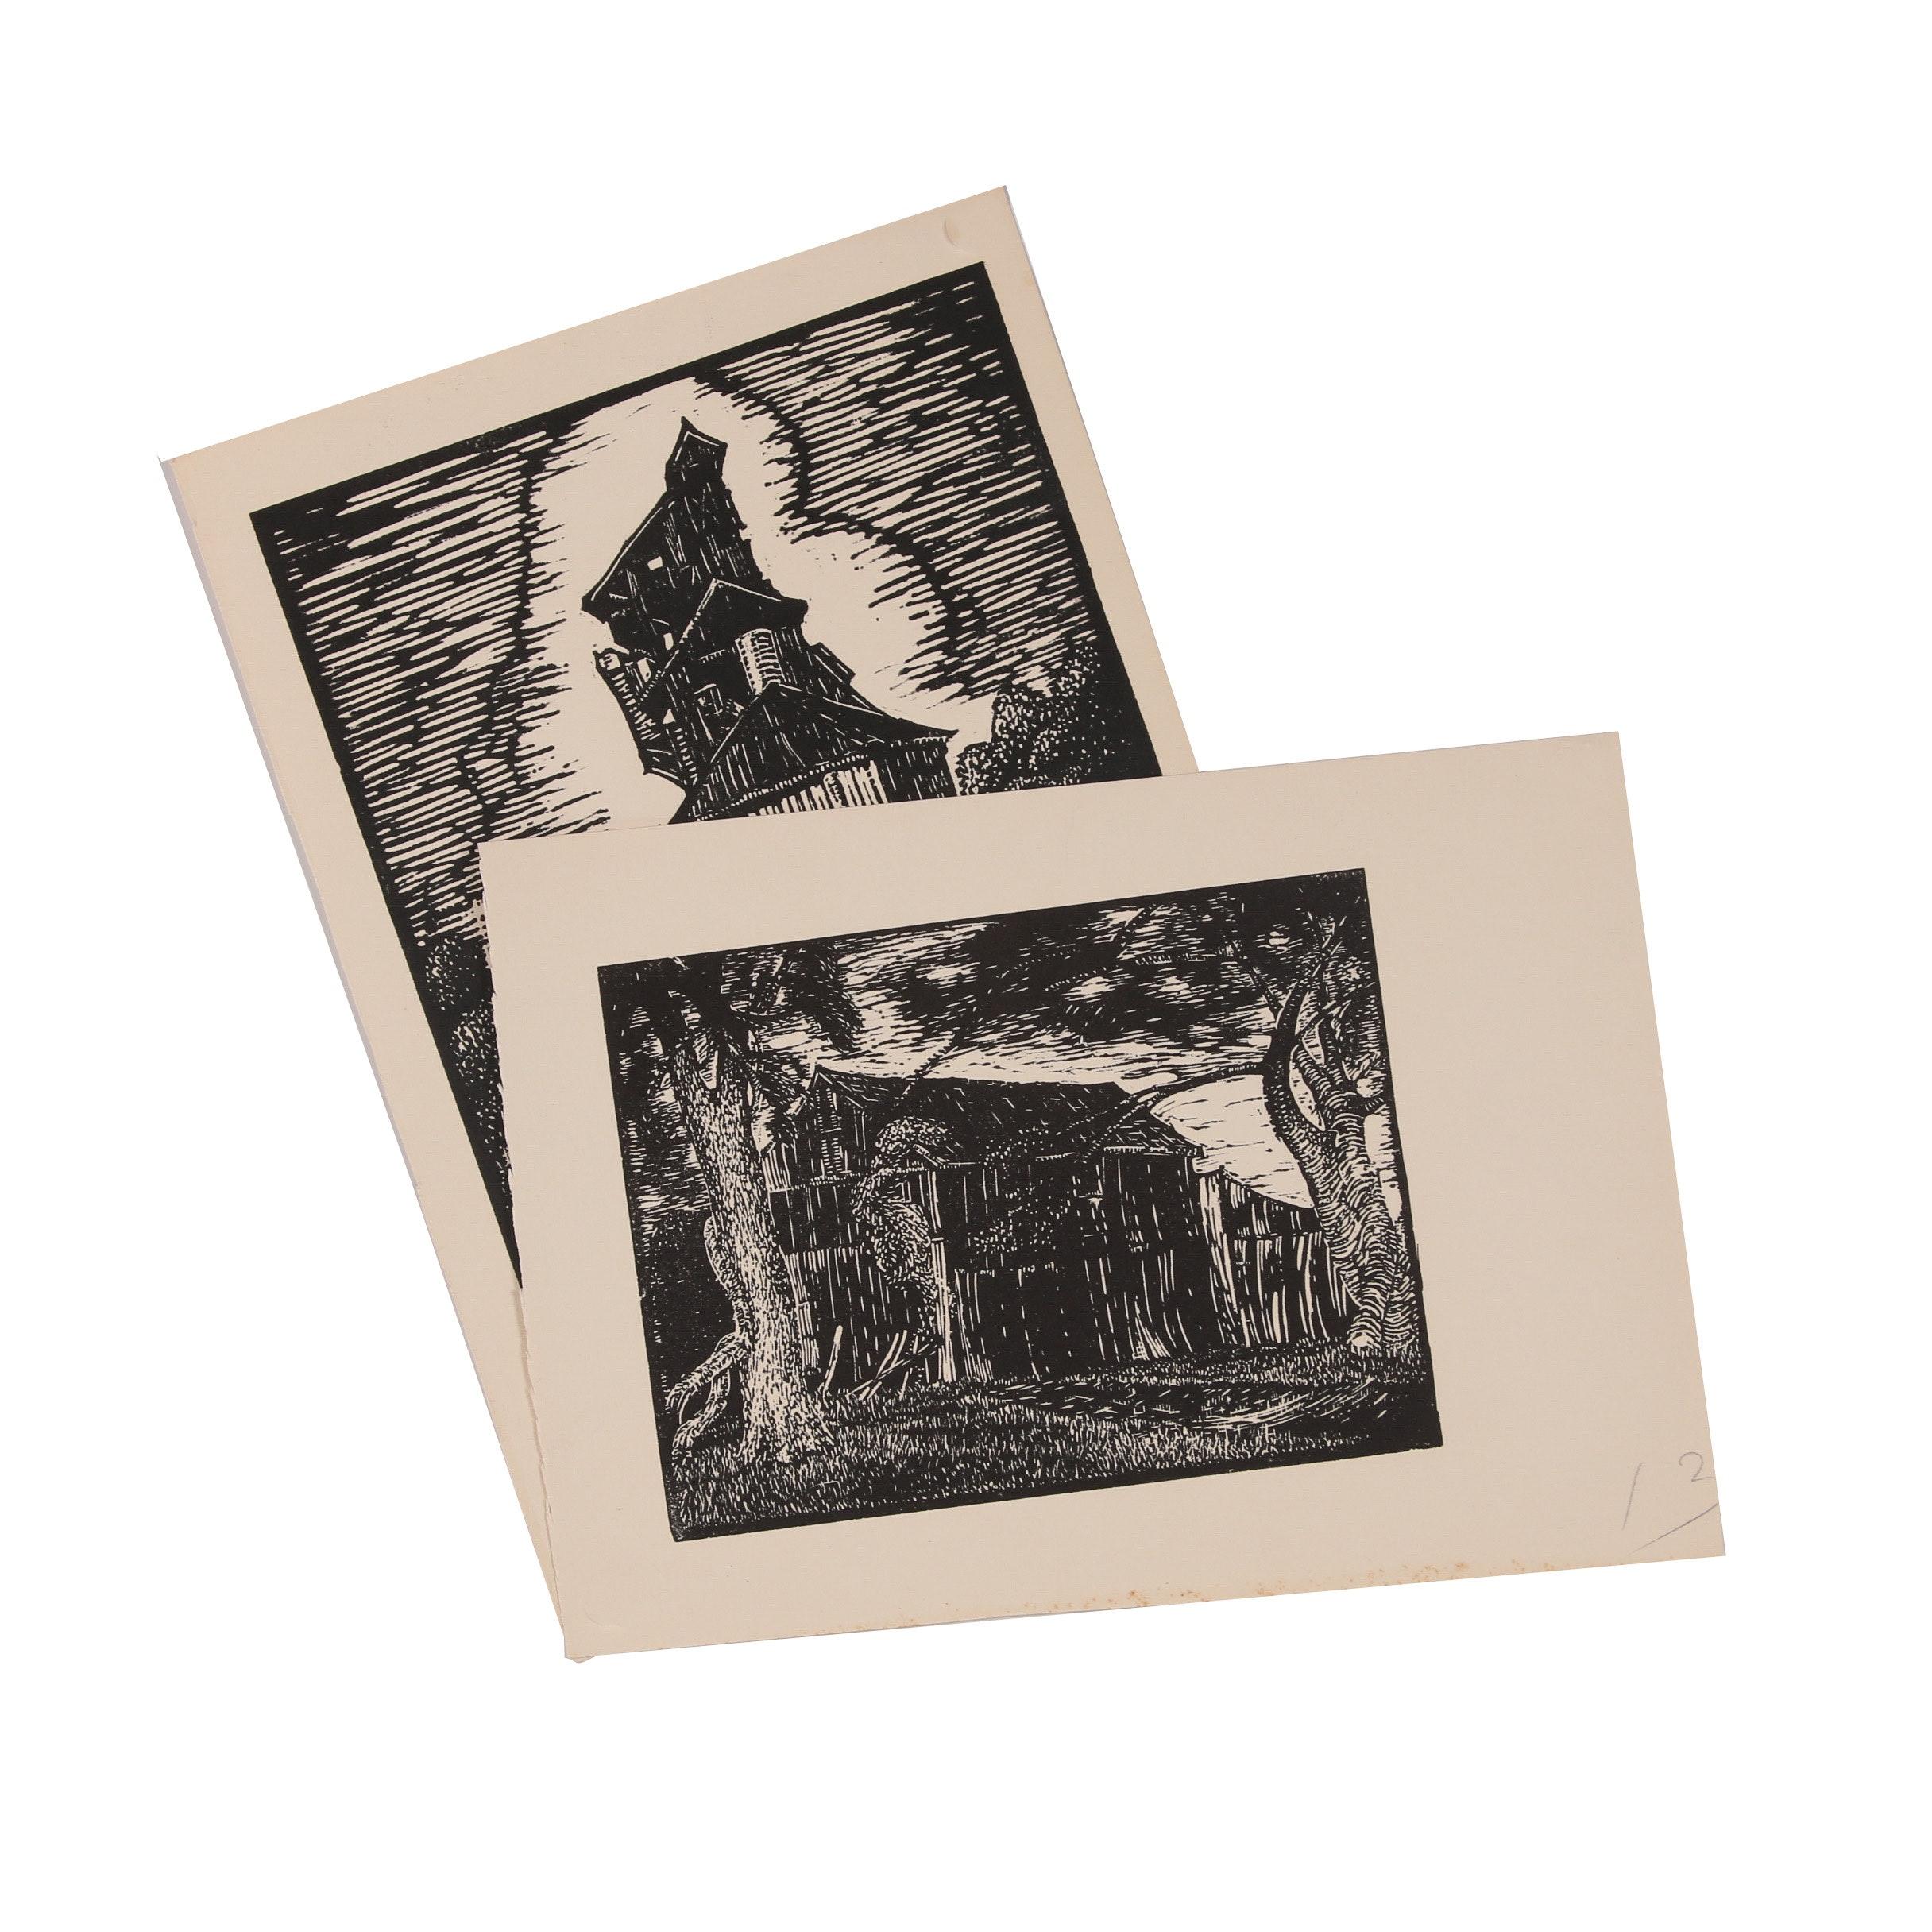 Robert Whitmore Woodcuts